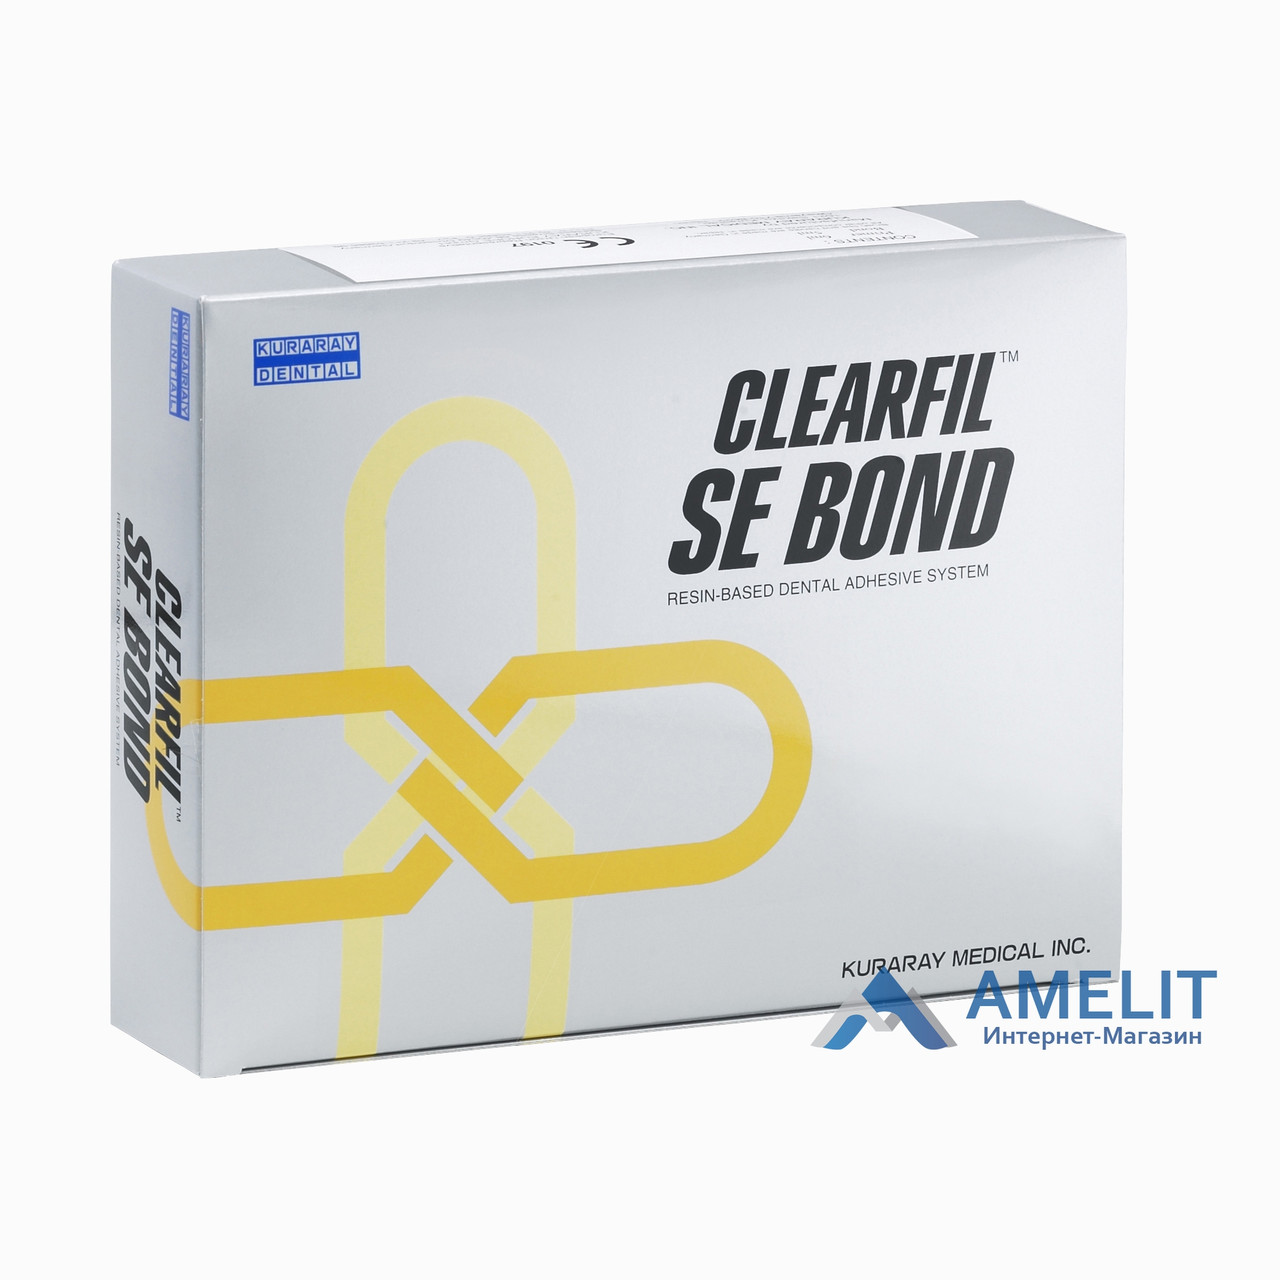 Клирфил СИ Бонд (Clearfil SE Bond, Kuraray), набор: праймер 6мл + бонд 5мл + aксессуары